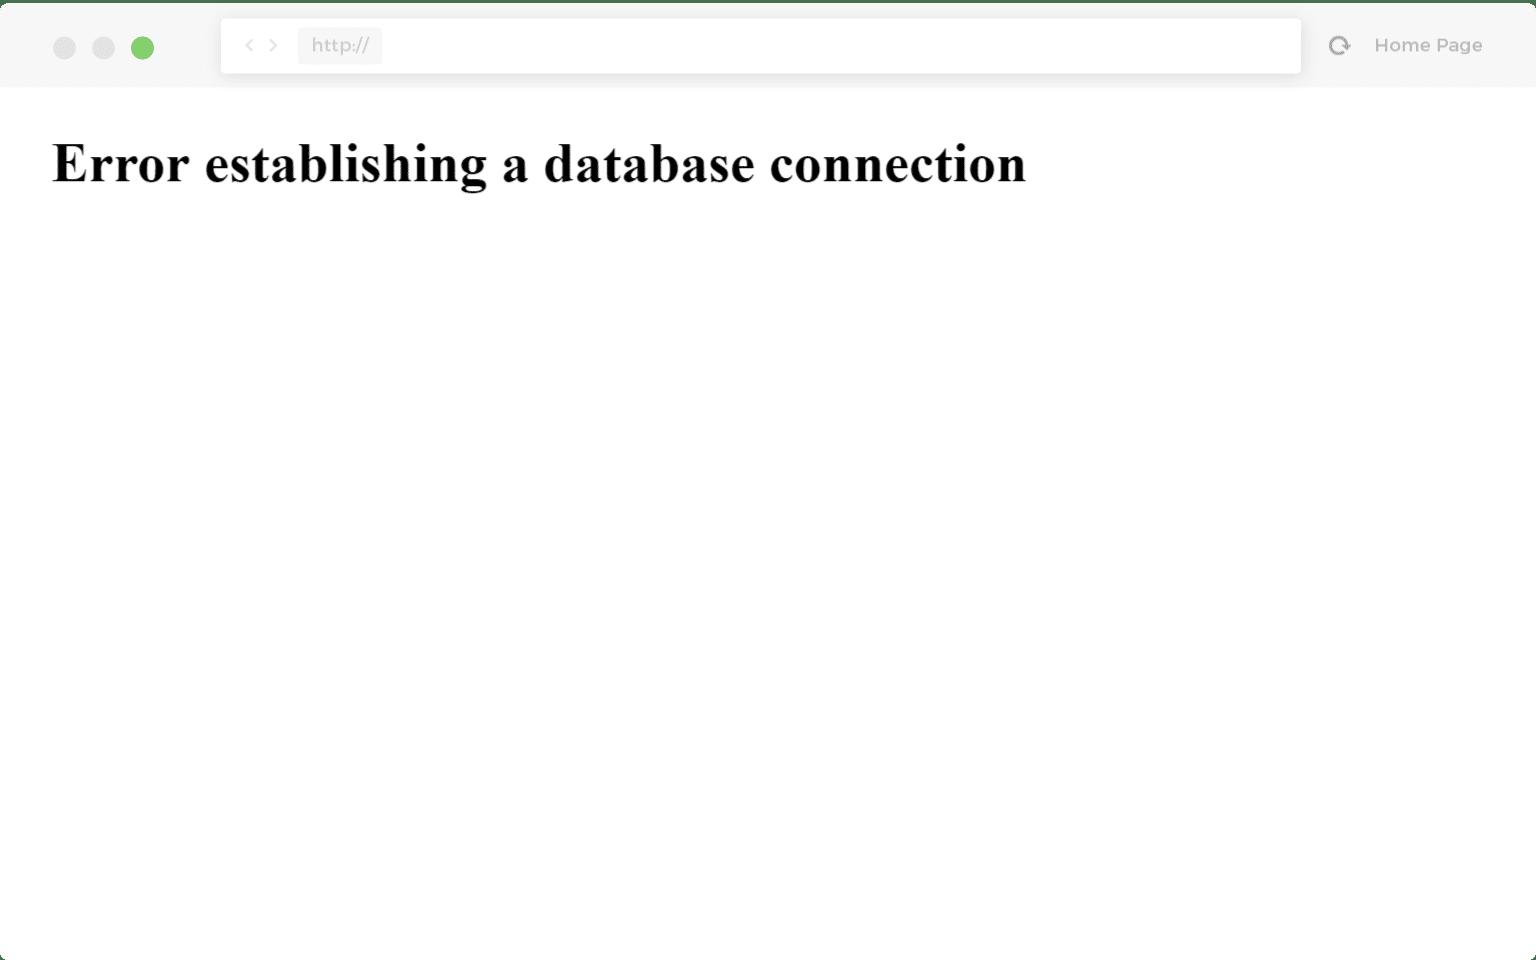 Exemplo de erro ao estabelecer uma conexão com o banco de dados